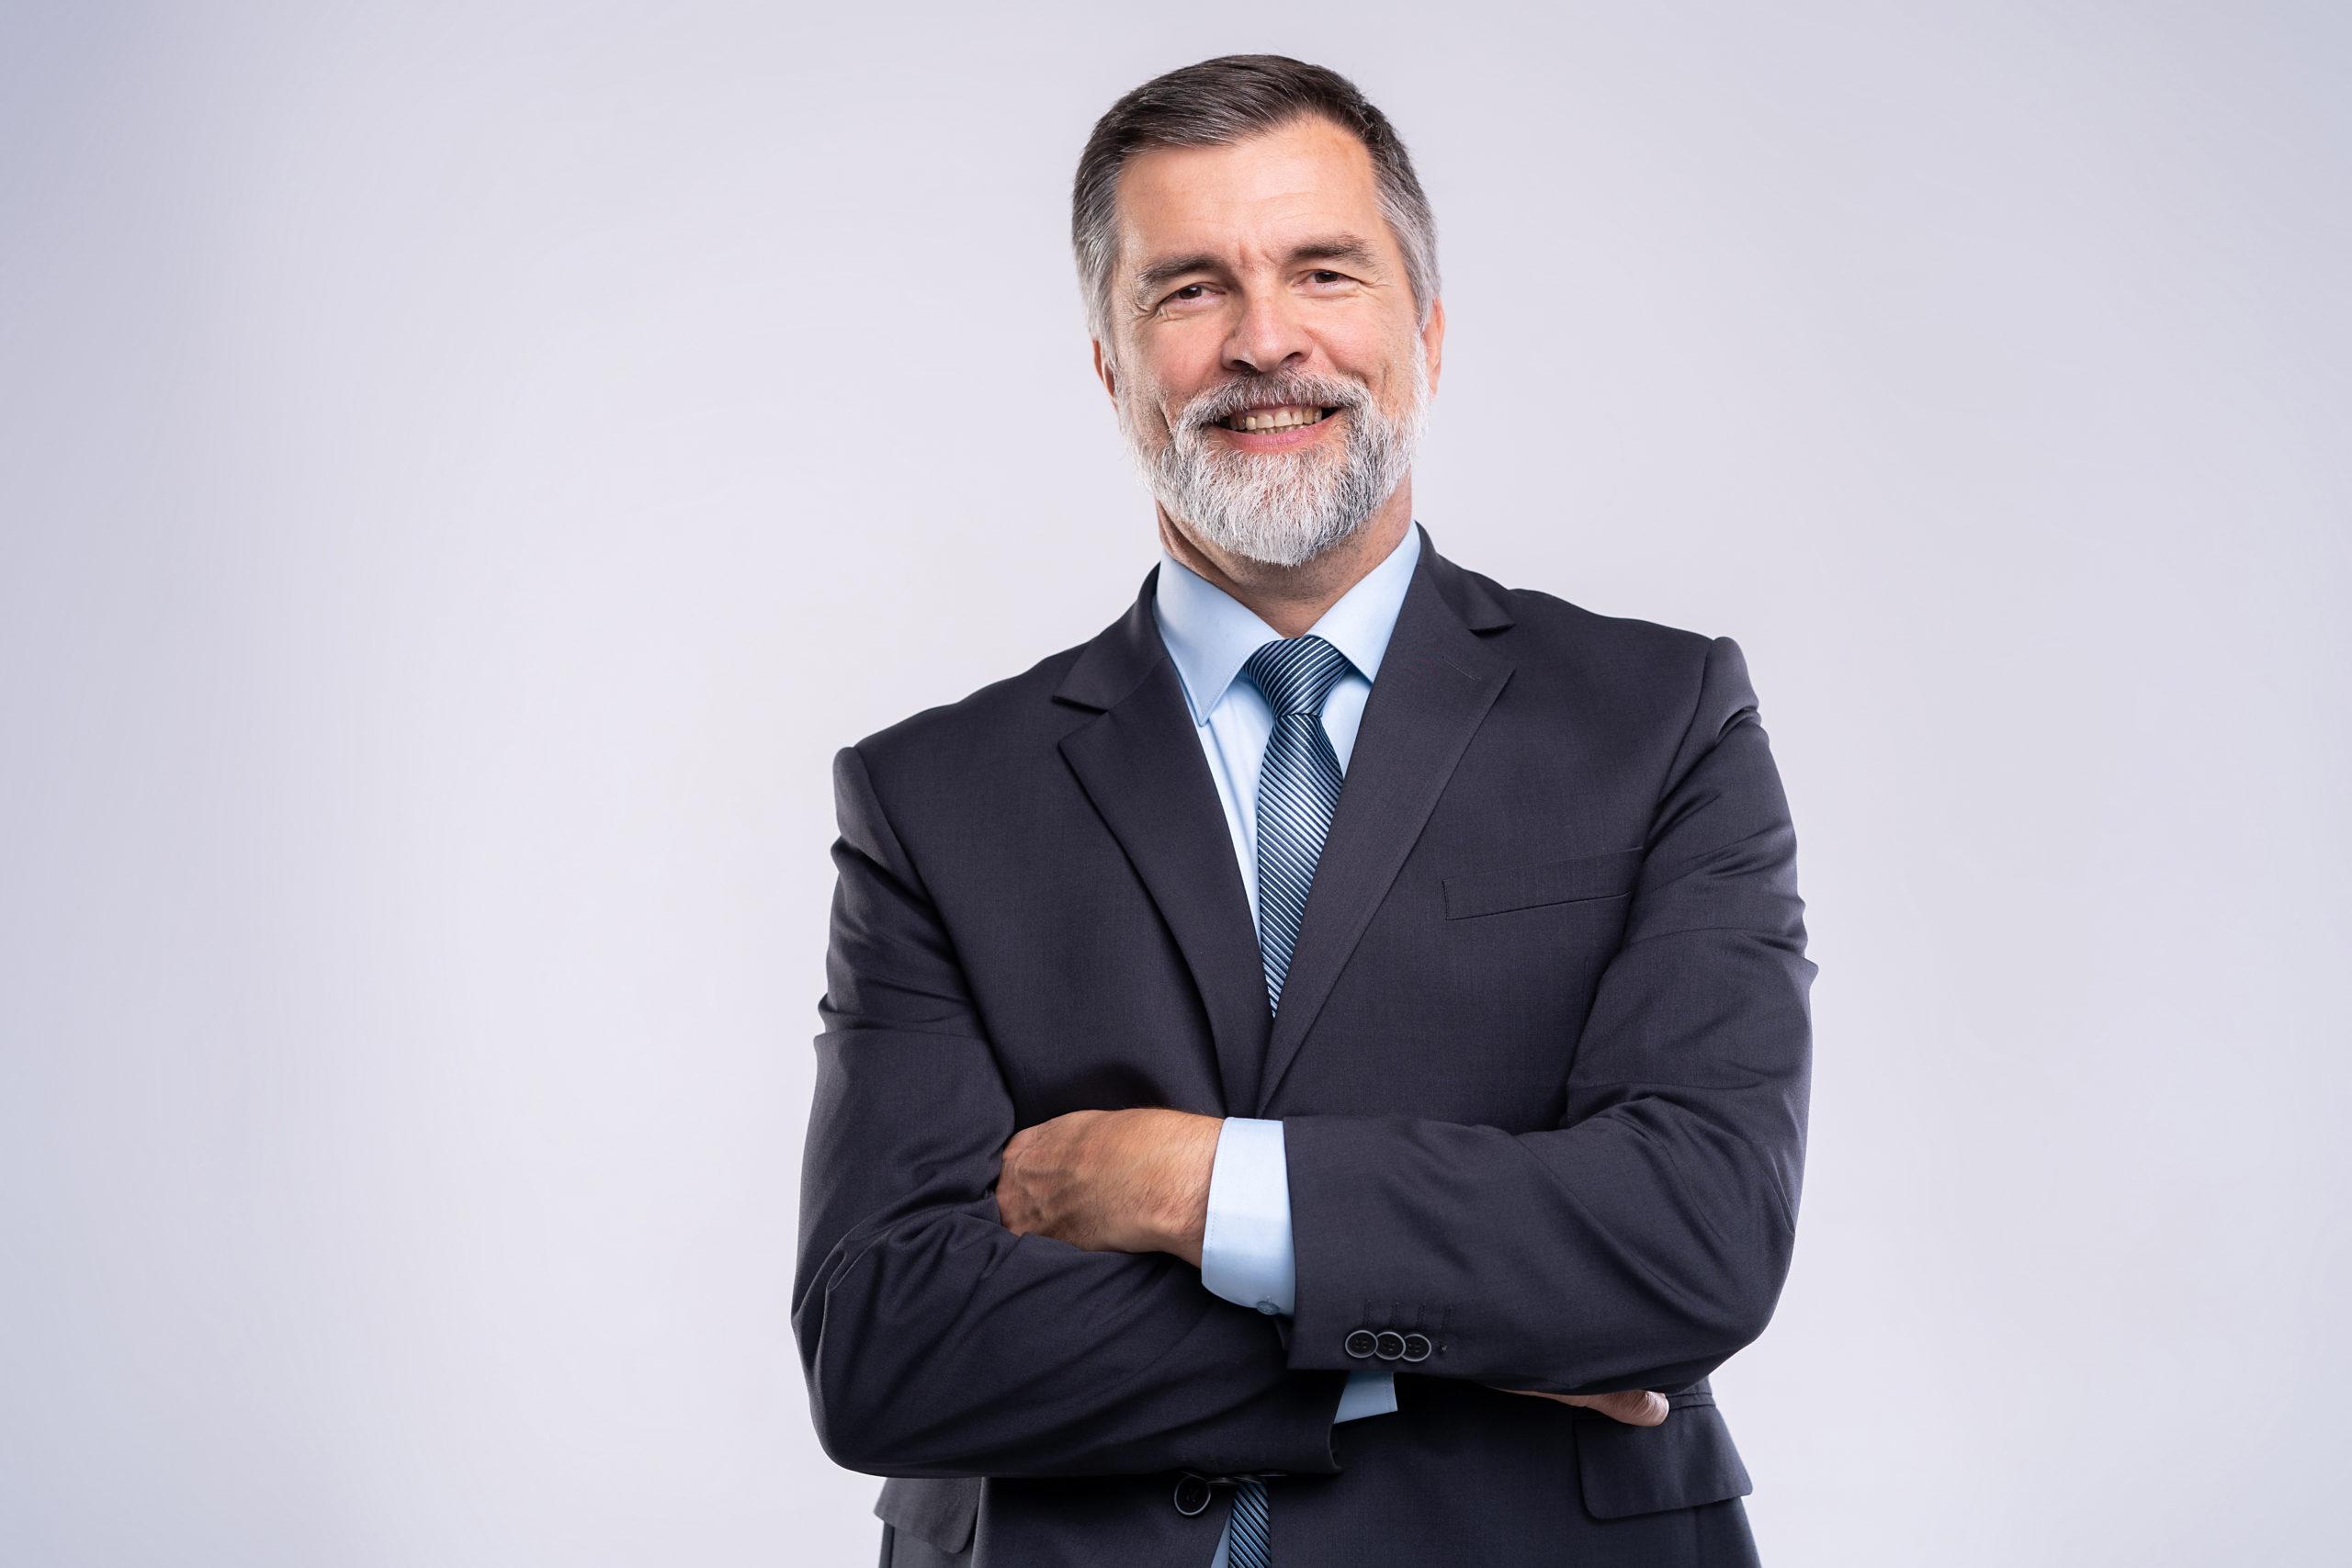 Foto eines Mannes mit grauem Bart im Anzug mit verschränkten Armen